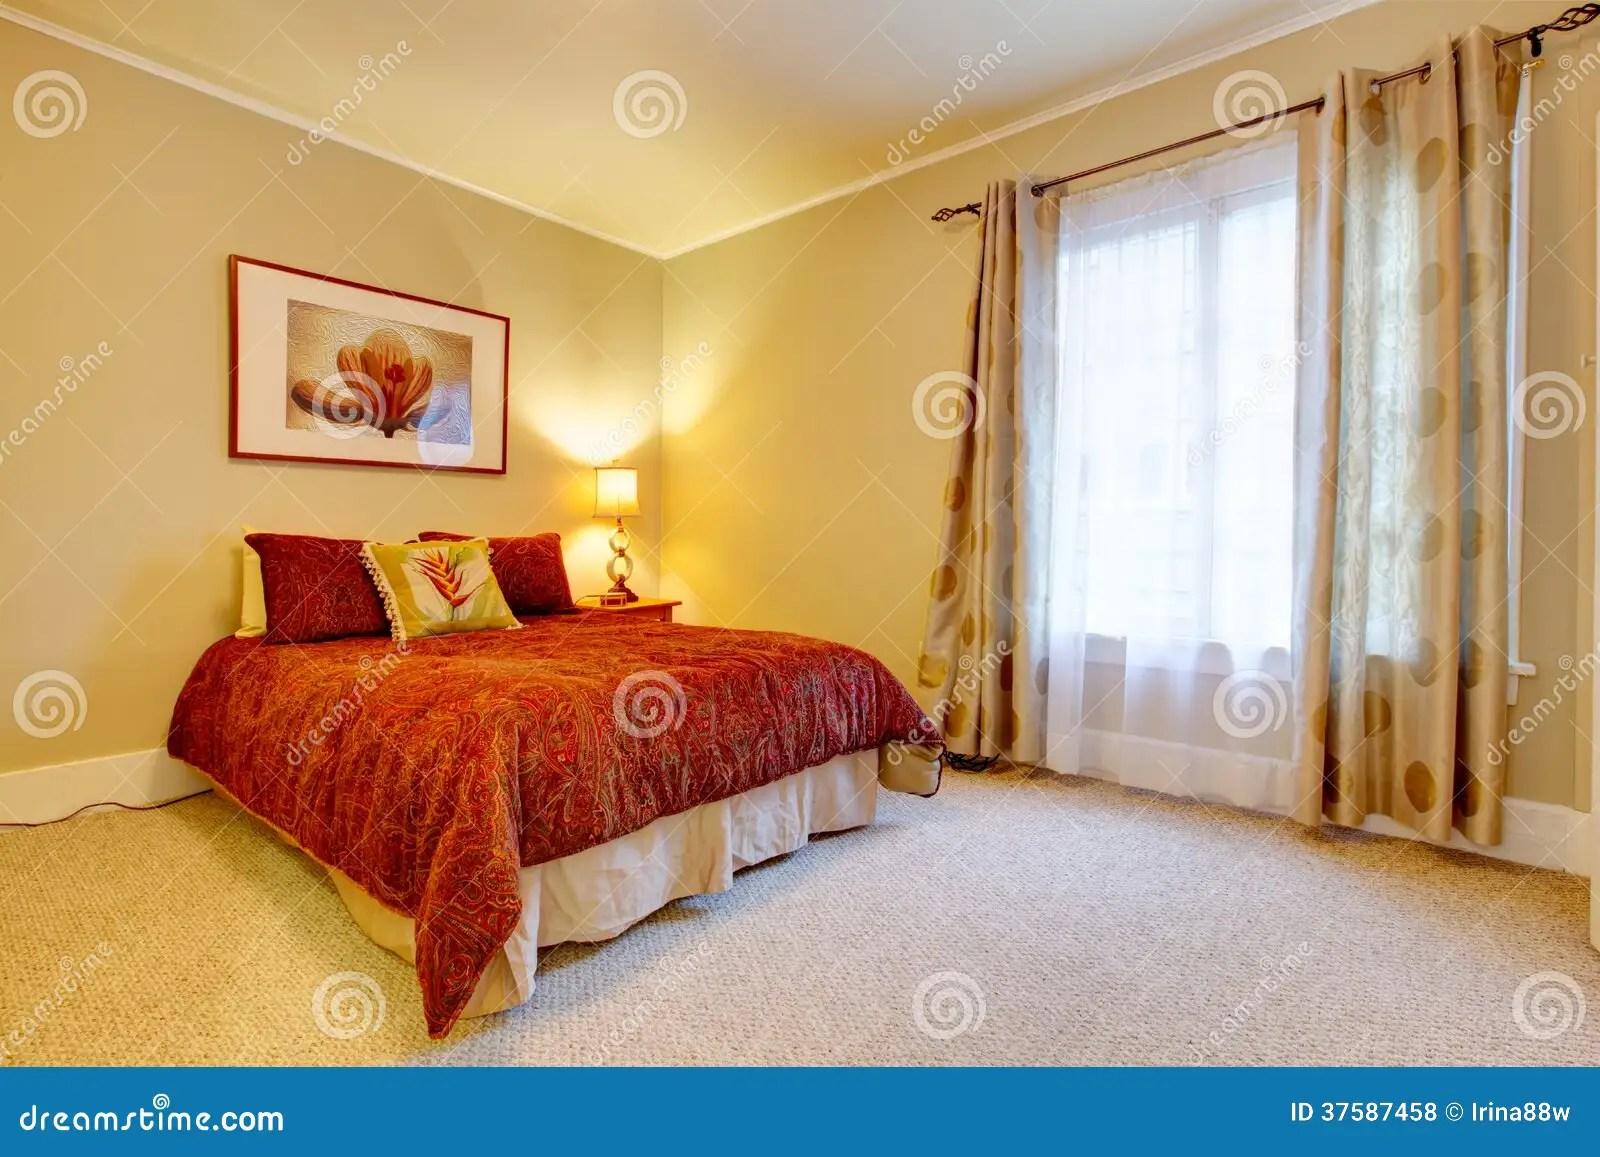 Chambre  Coucher Avec Du Charme Avec La Belle Literie Rouge Photo stock  Image 37587458